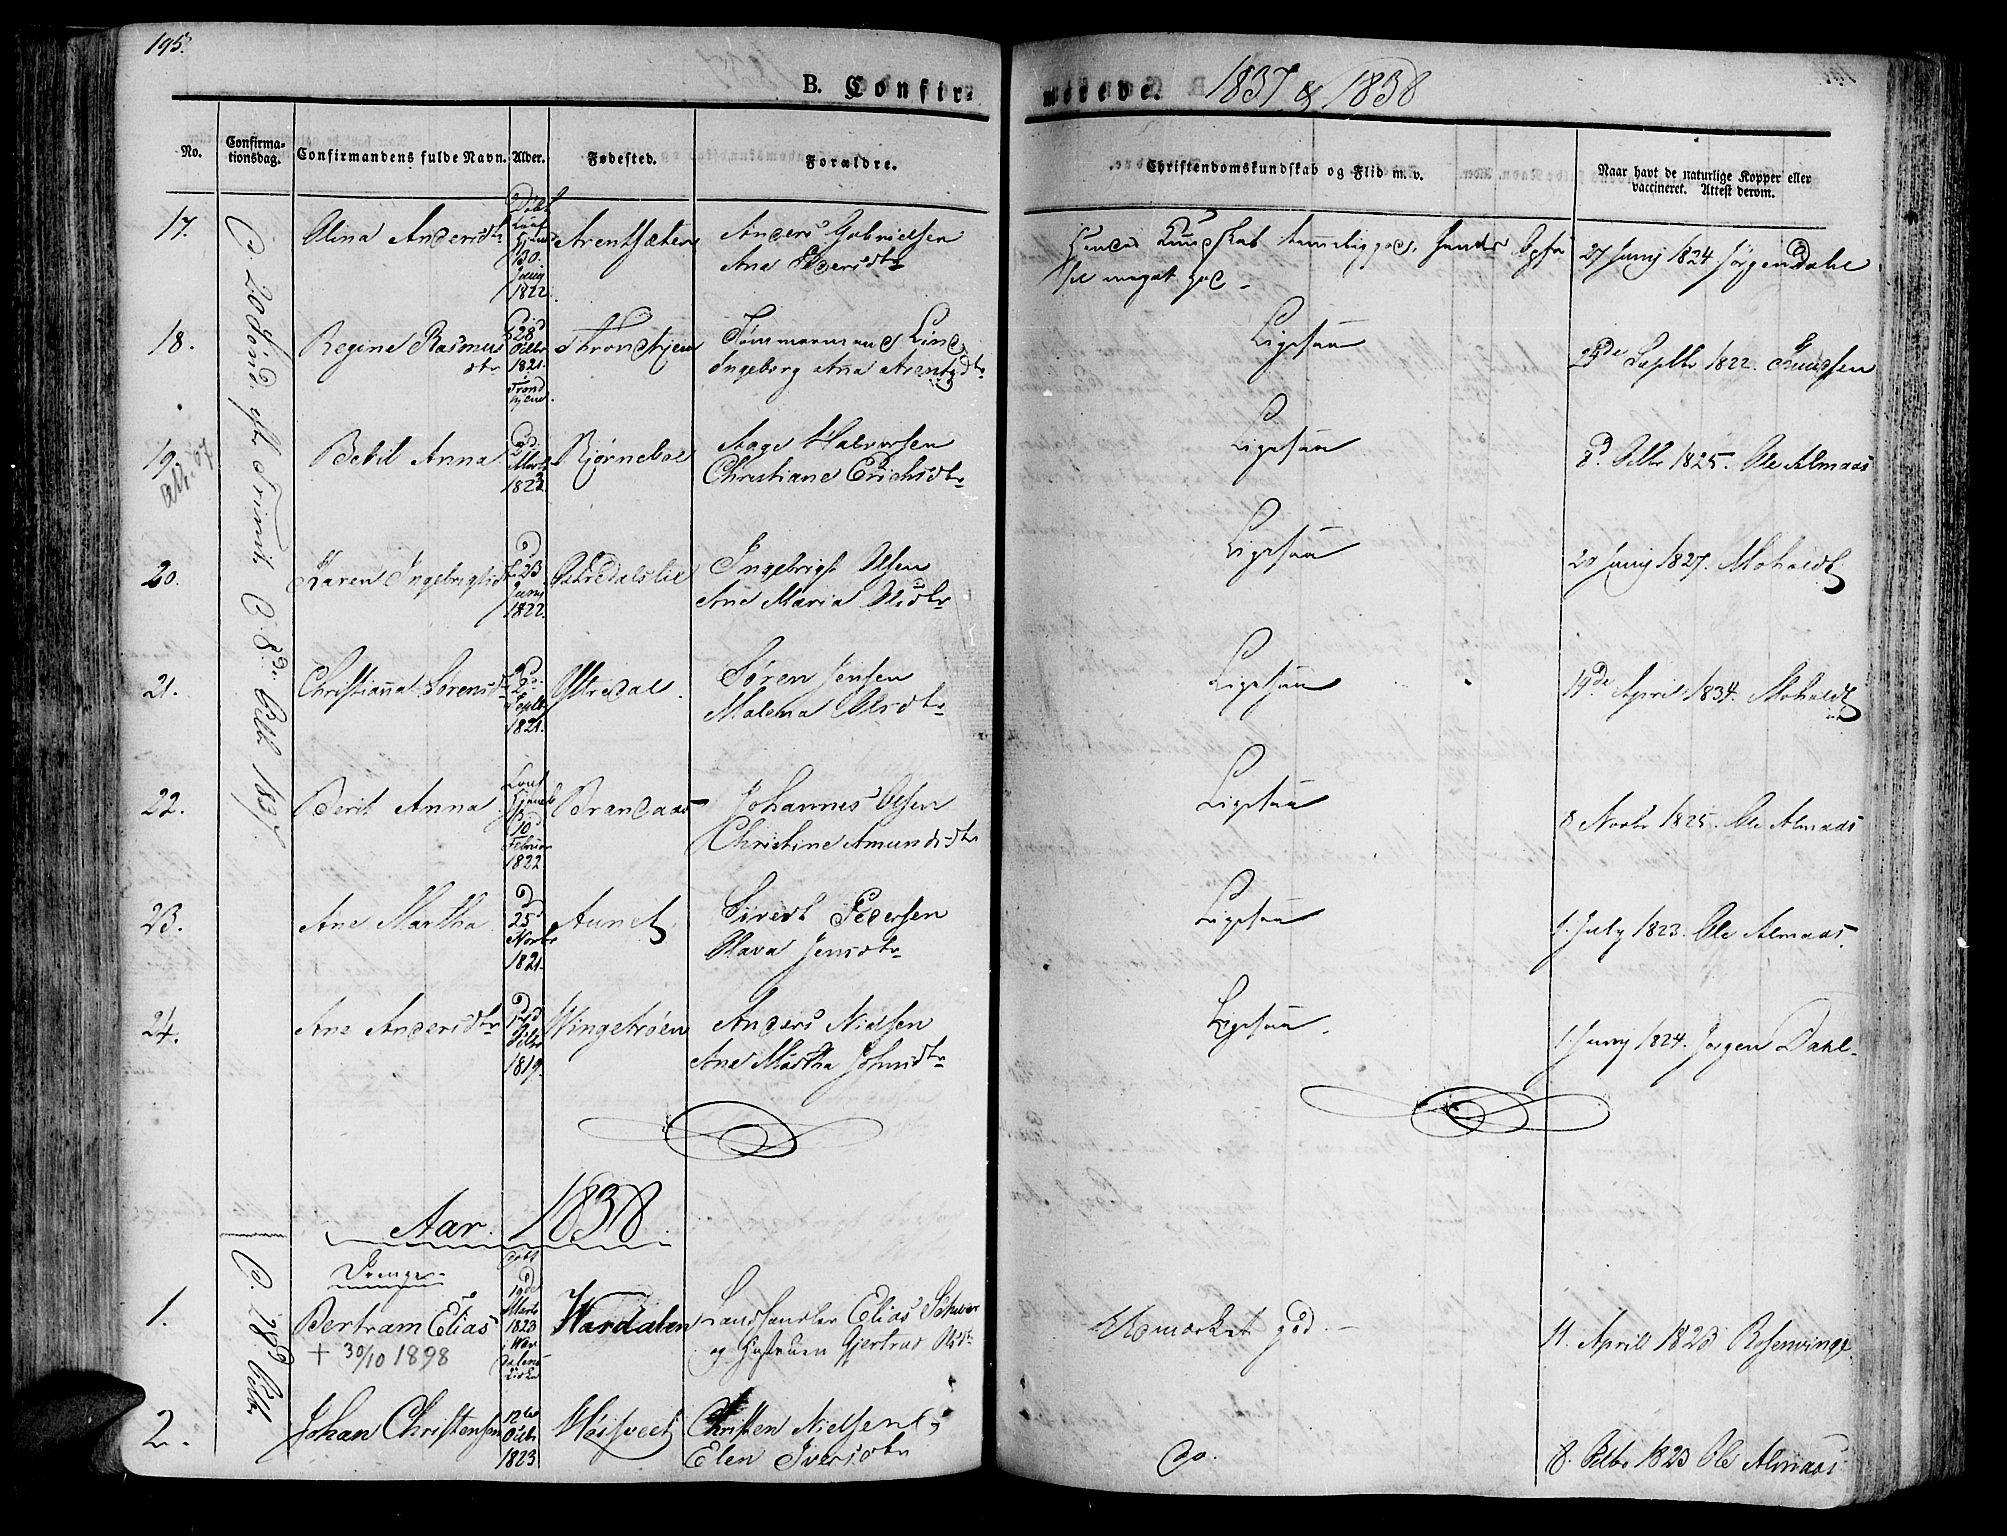 SAT, Ministerialprotokoller, klokkerbøker og fødselsregistre - Nord-Trøndelag, 701/L0006: Ministerialbok nr. 701A06, 1825-1841, s. 195